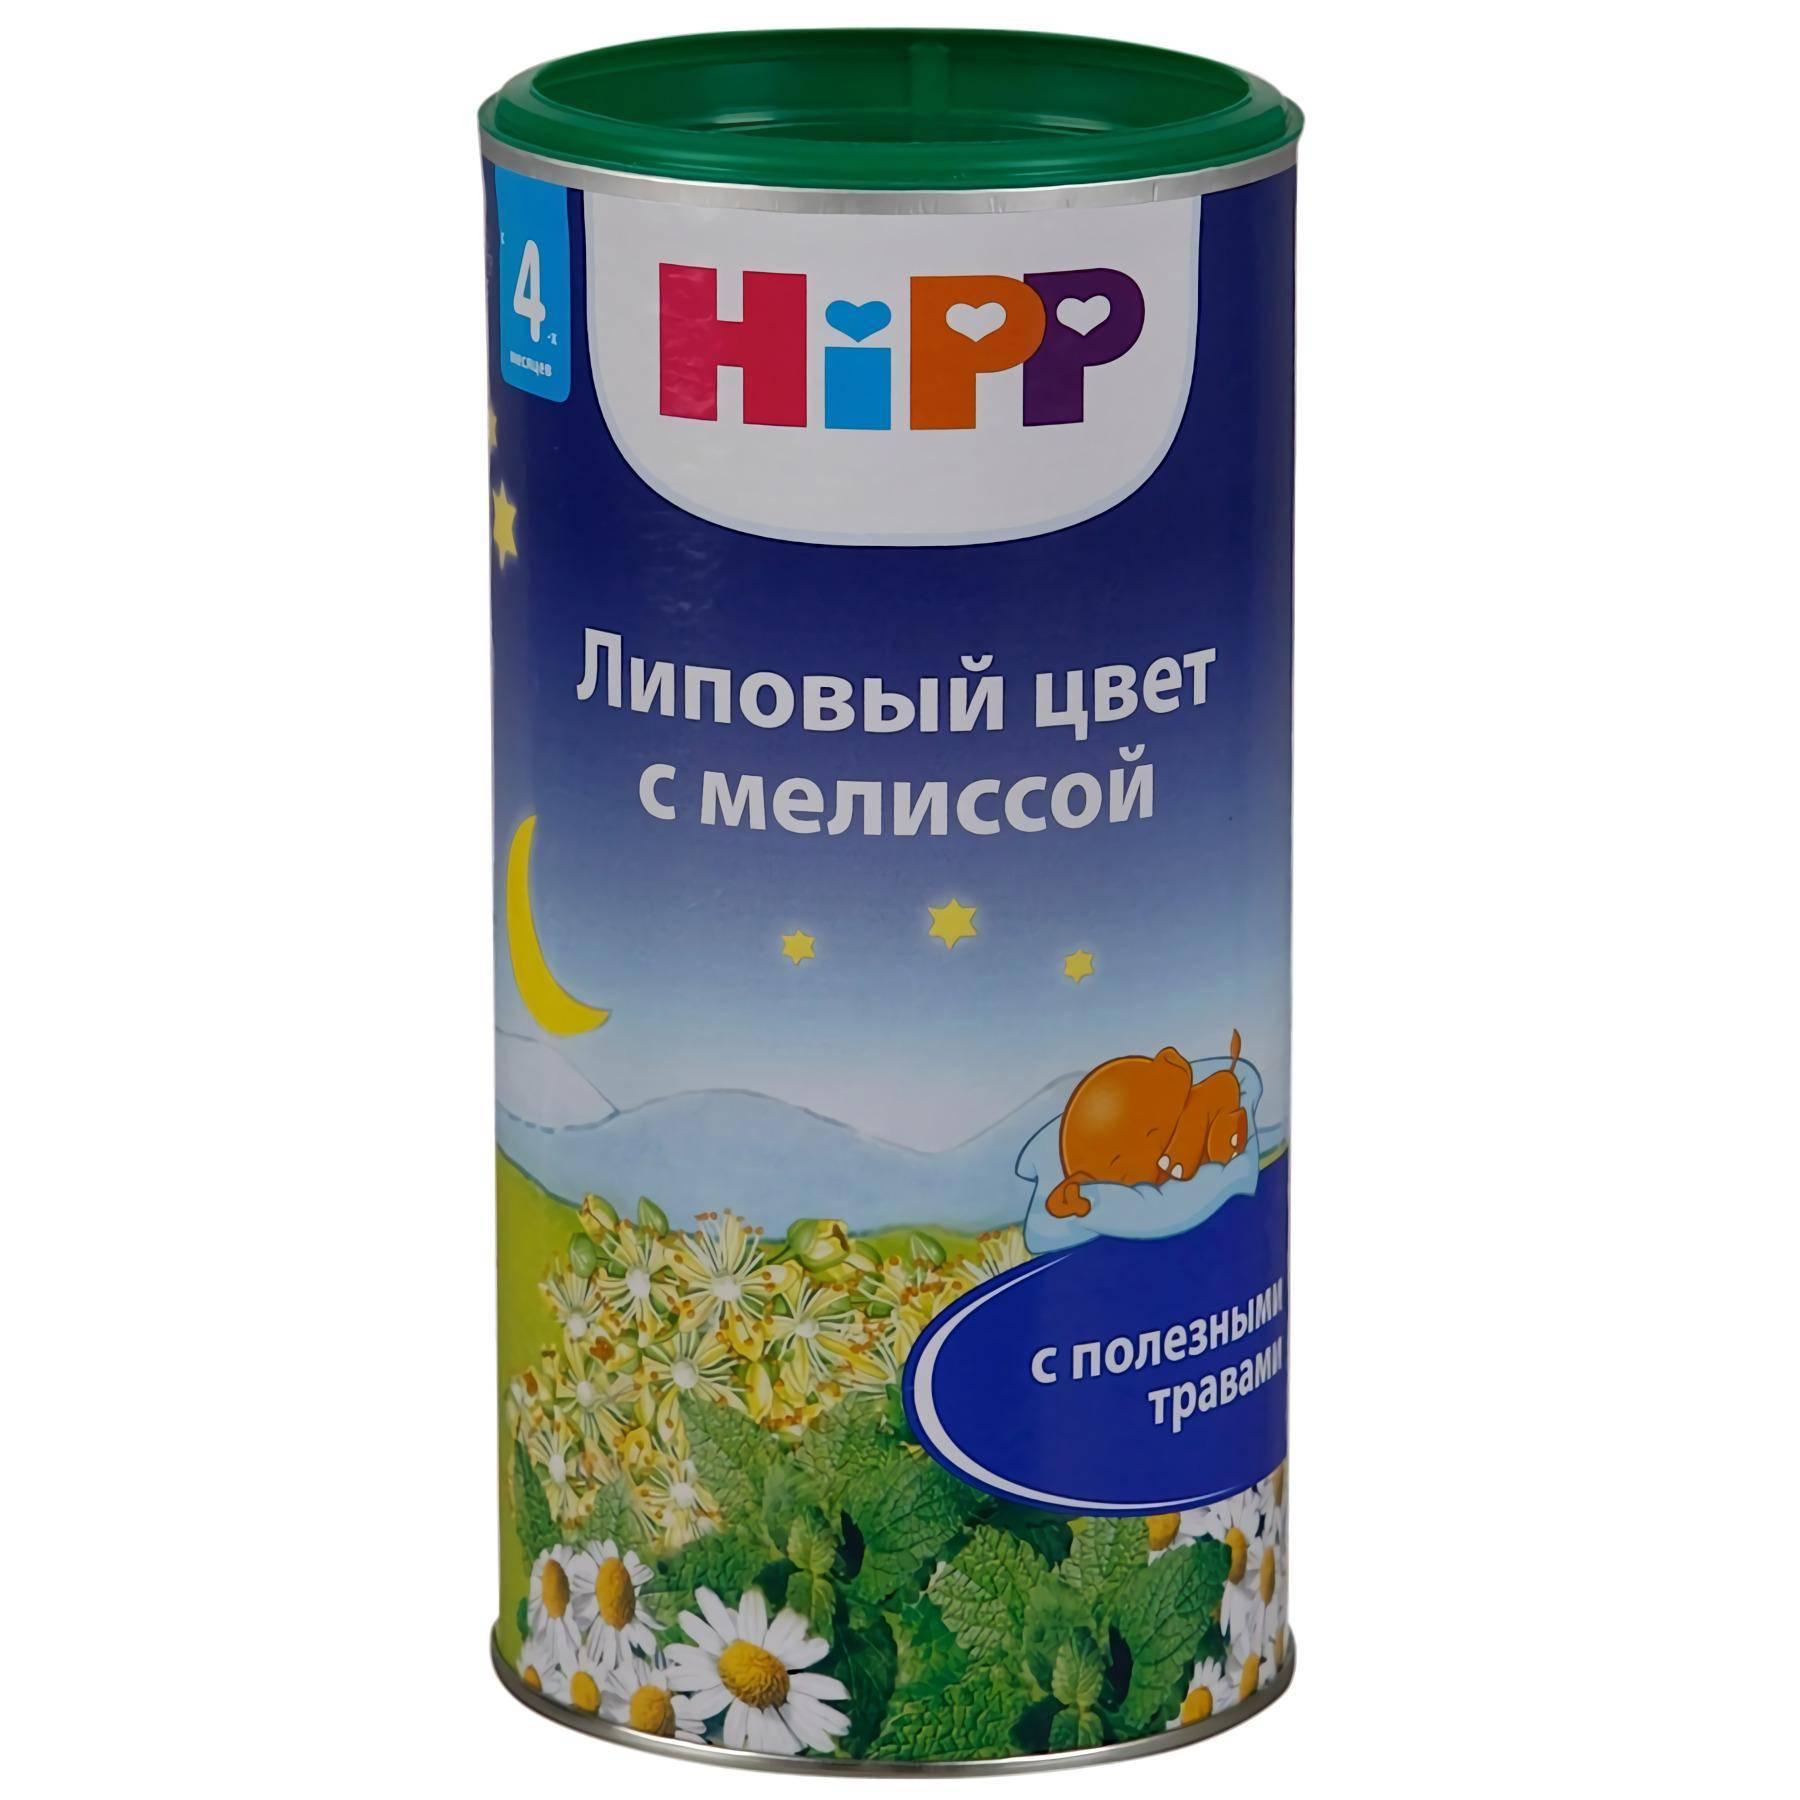 HiPP Липовый цвет с мелиссой